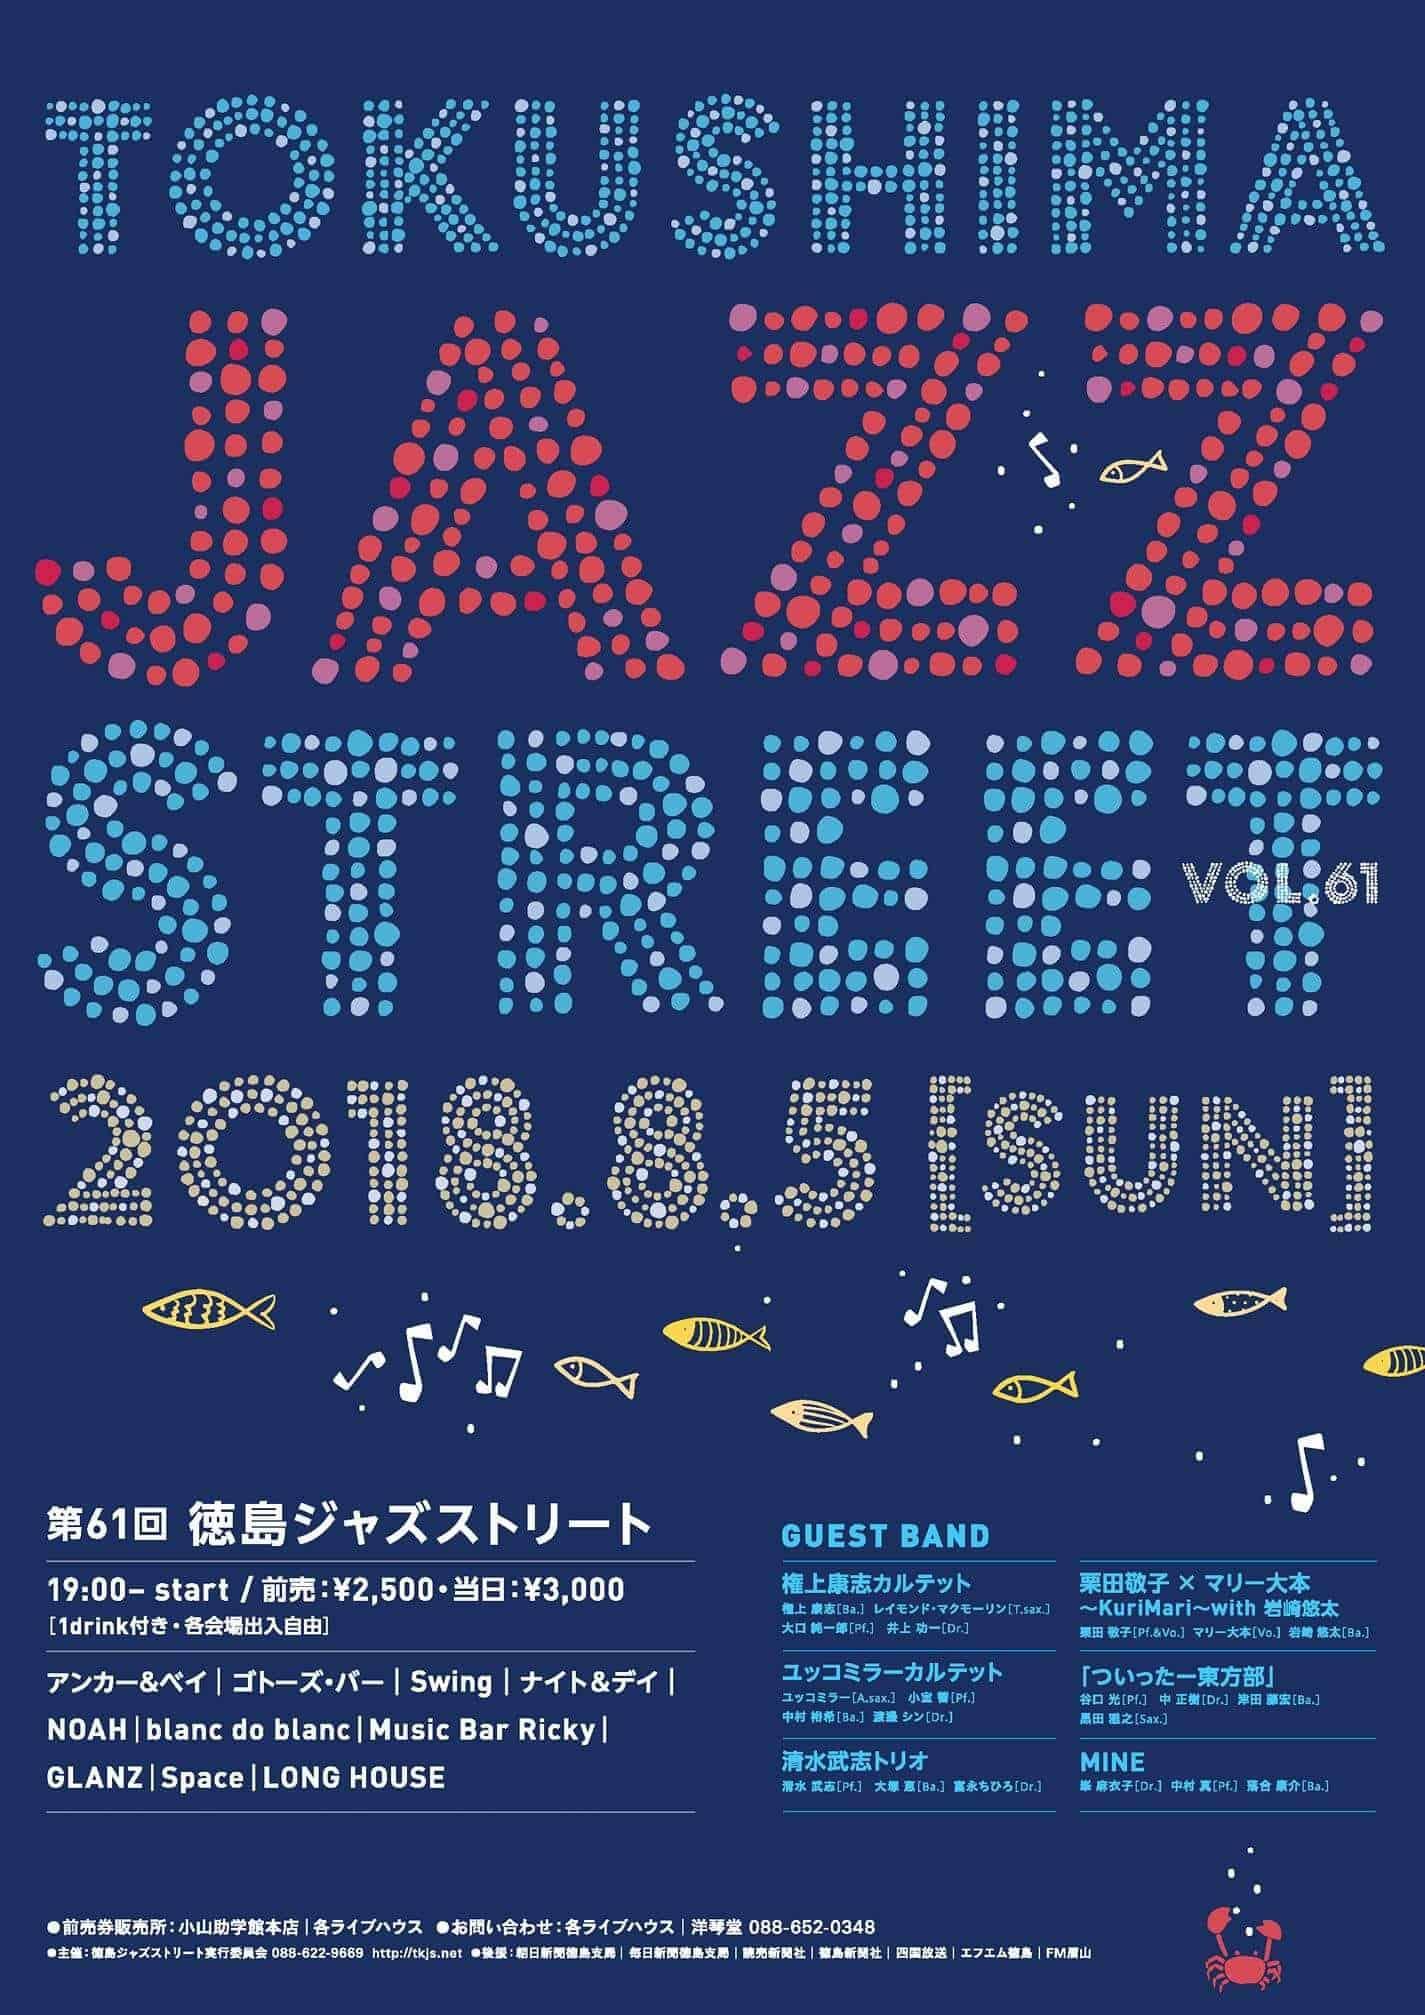 【参加ユニット】8/5徳島ジャズストリートに「ついったー東方部」がゲスト出演します!